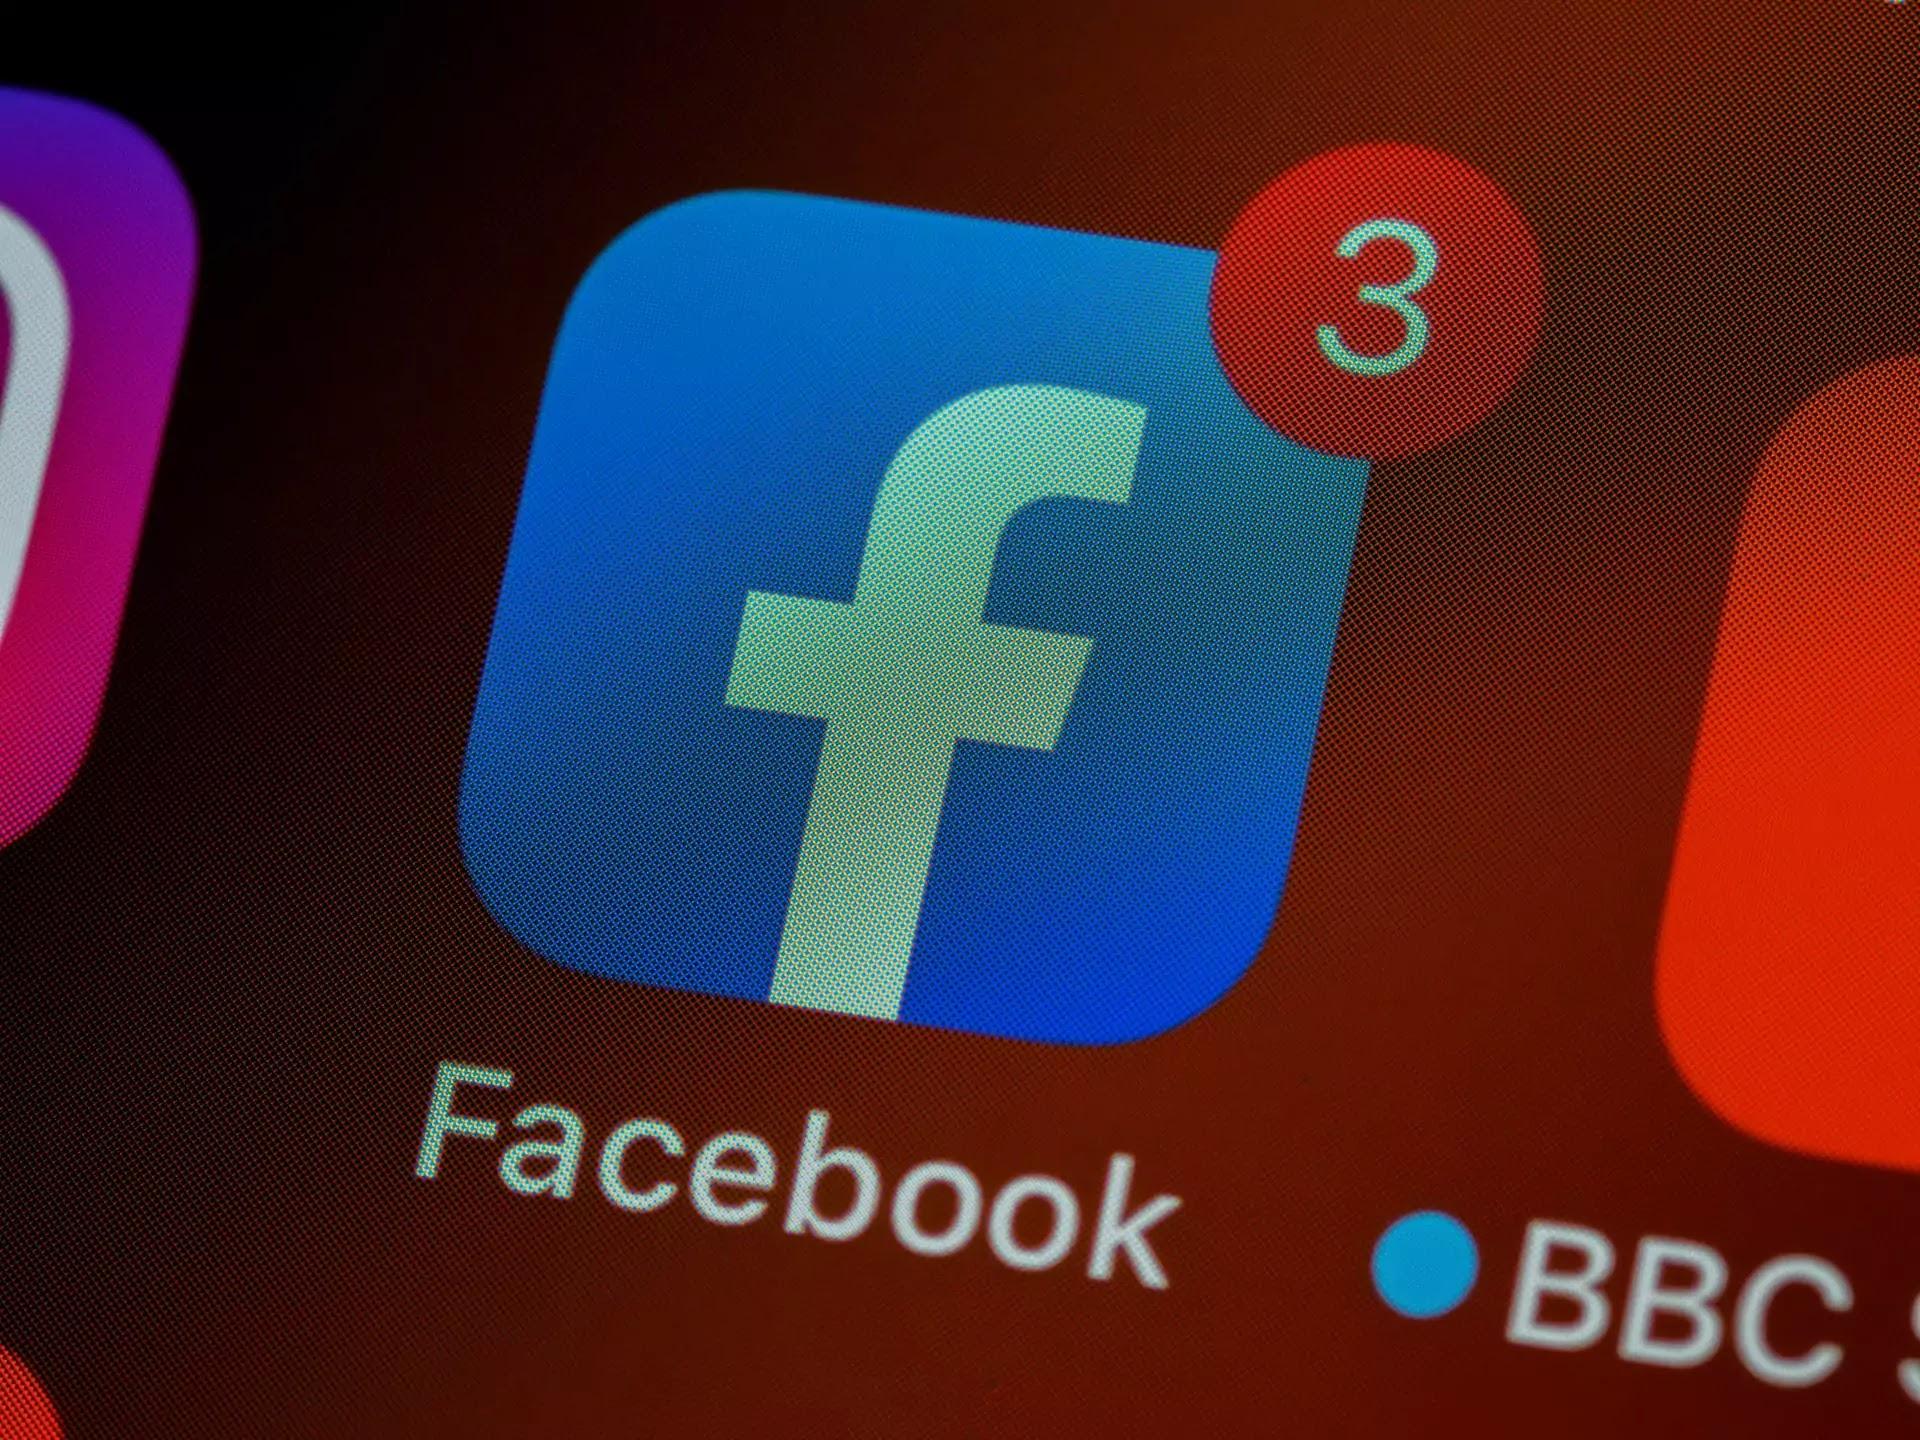 Facebook marketing india image